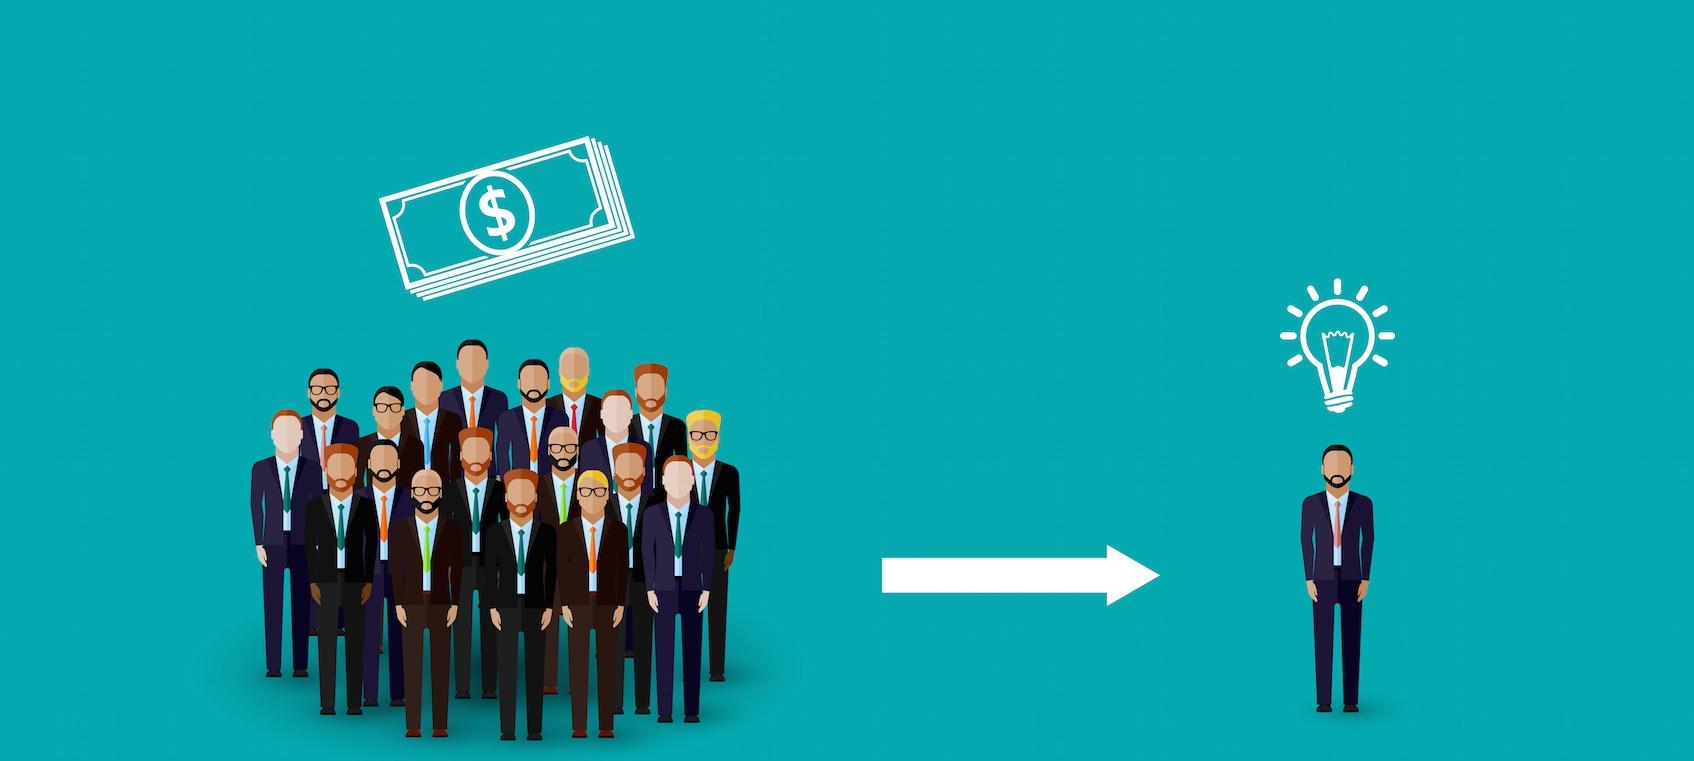 ماذا تفعل إذا كنت لا تمتلك رأس المال الكافي لبدء مشروعك؟